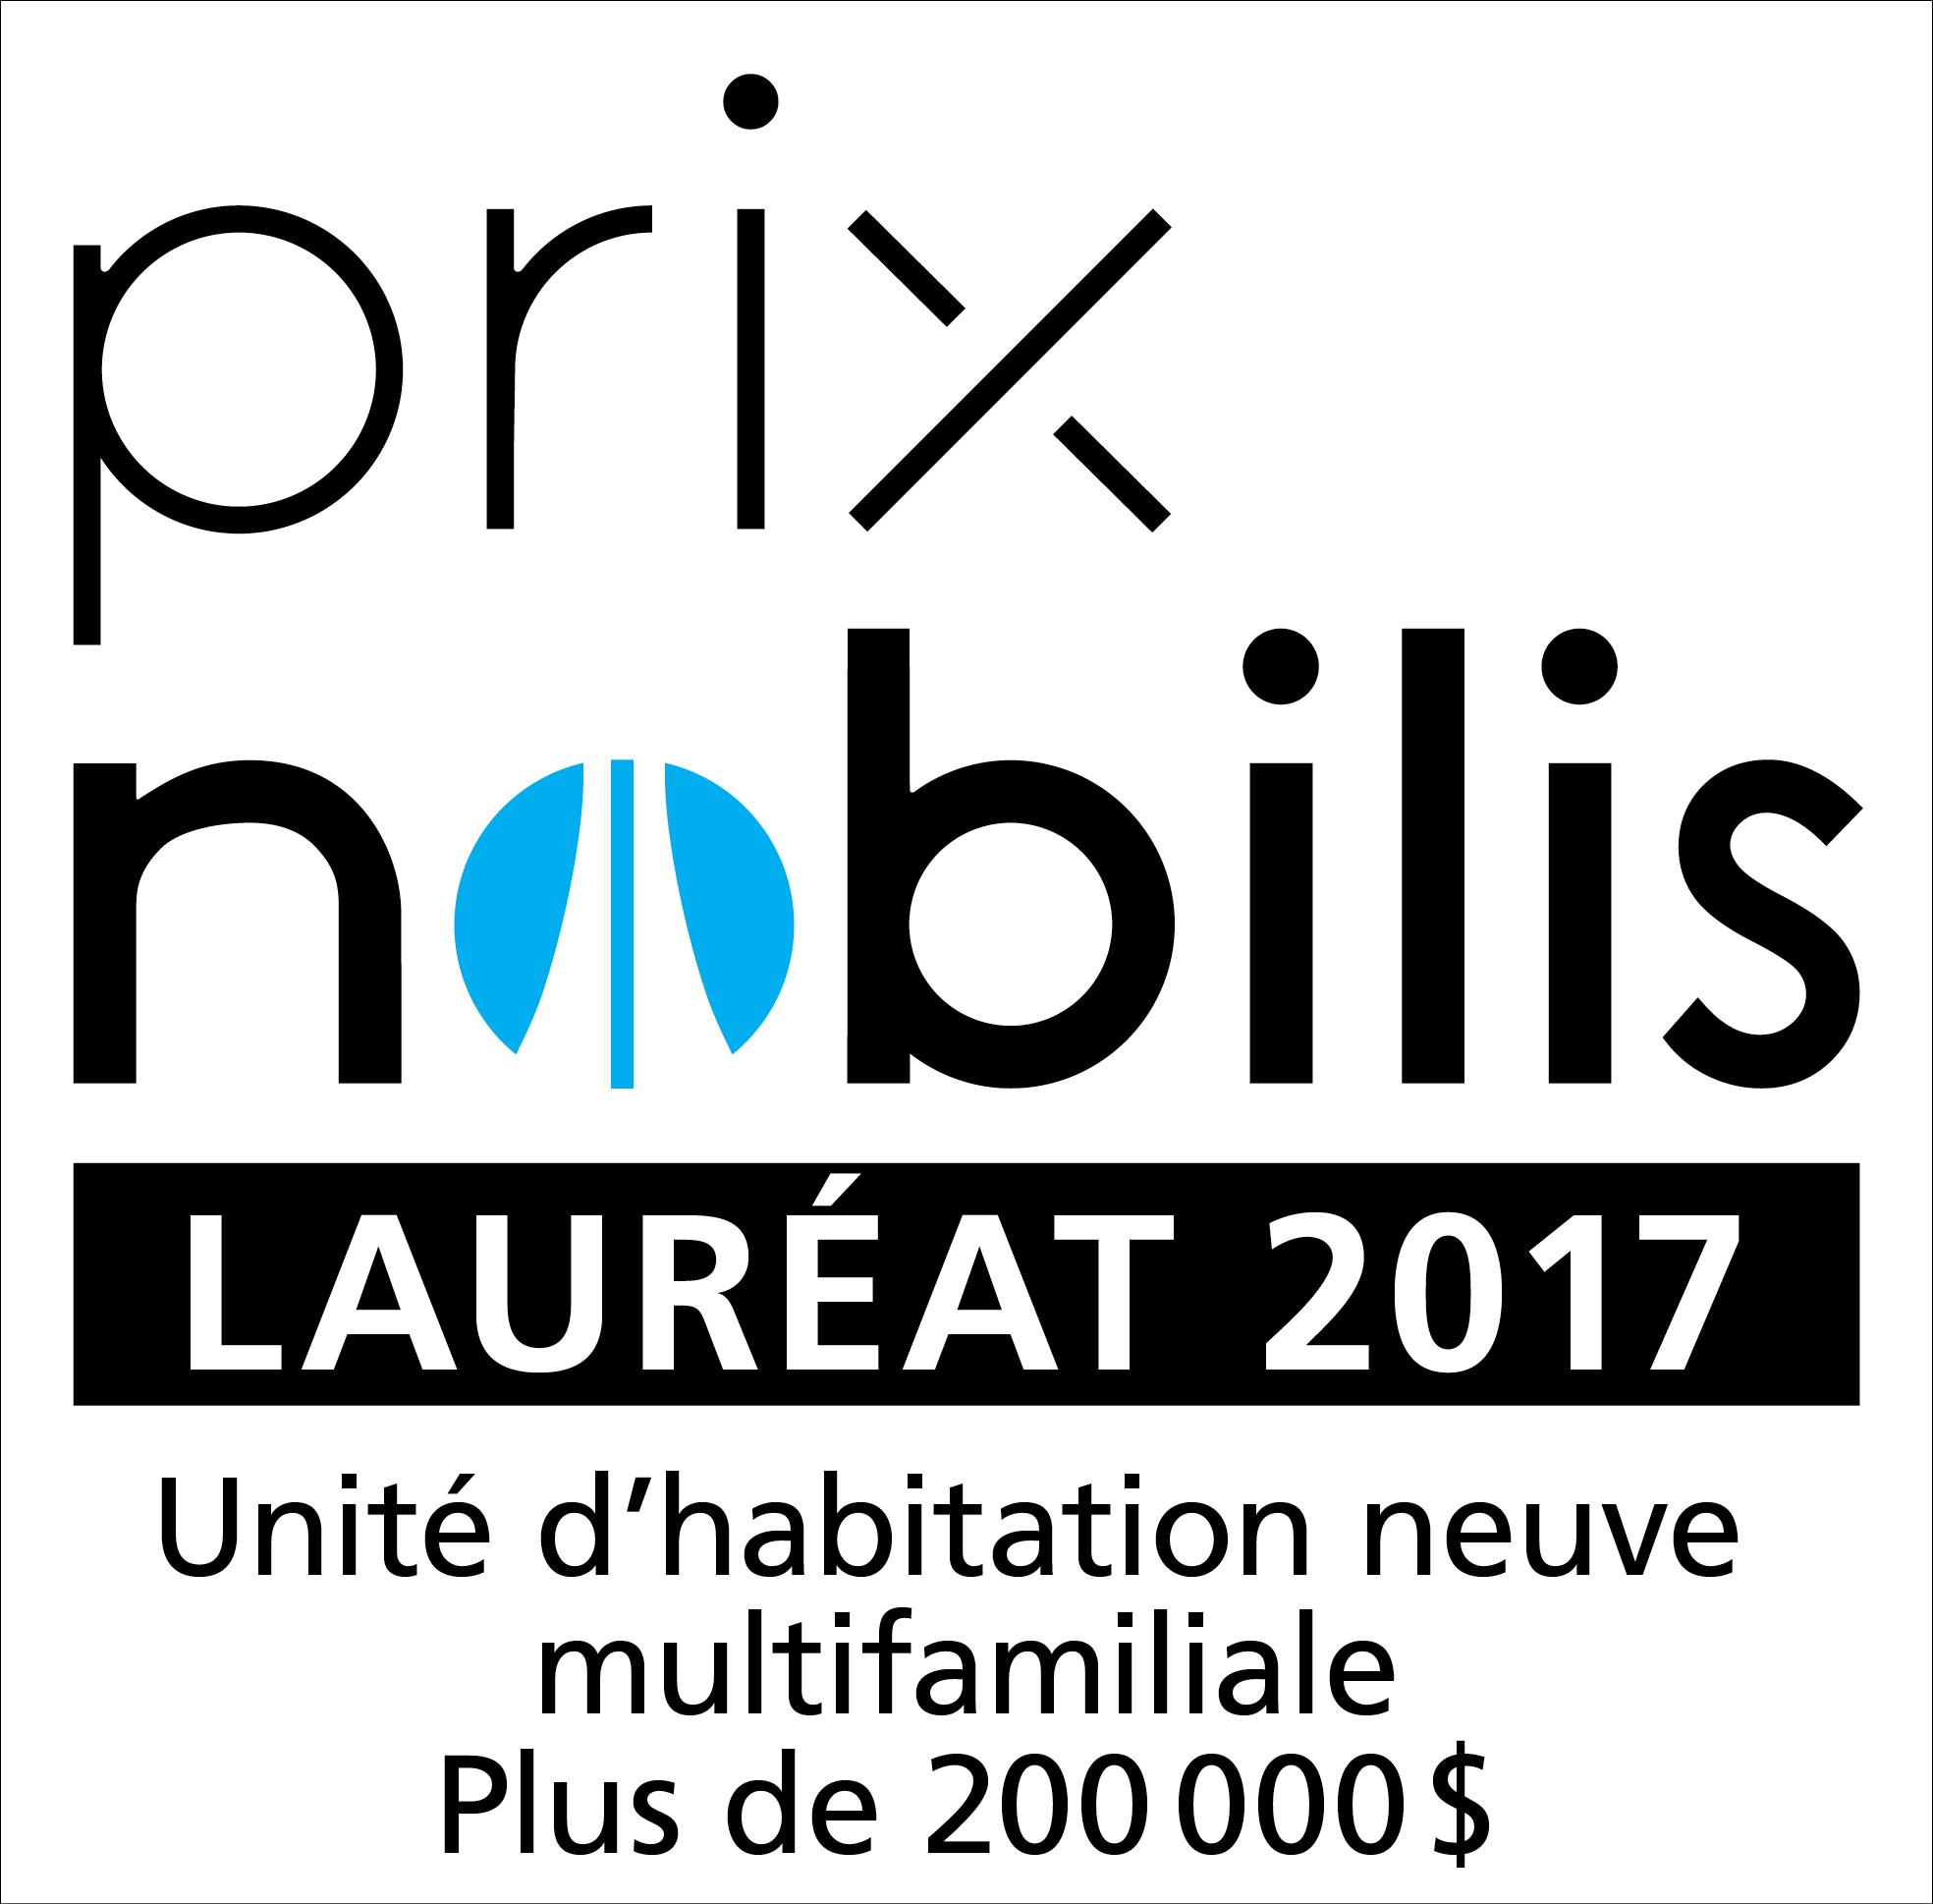 APCHQ_PrixNobilis2017_Laureat-14_Unite_d'habitation_neuve_multifamiliale_Plus_de_200_000.jpg